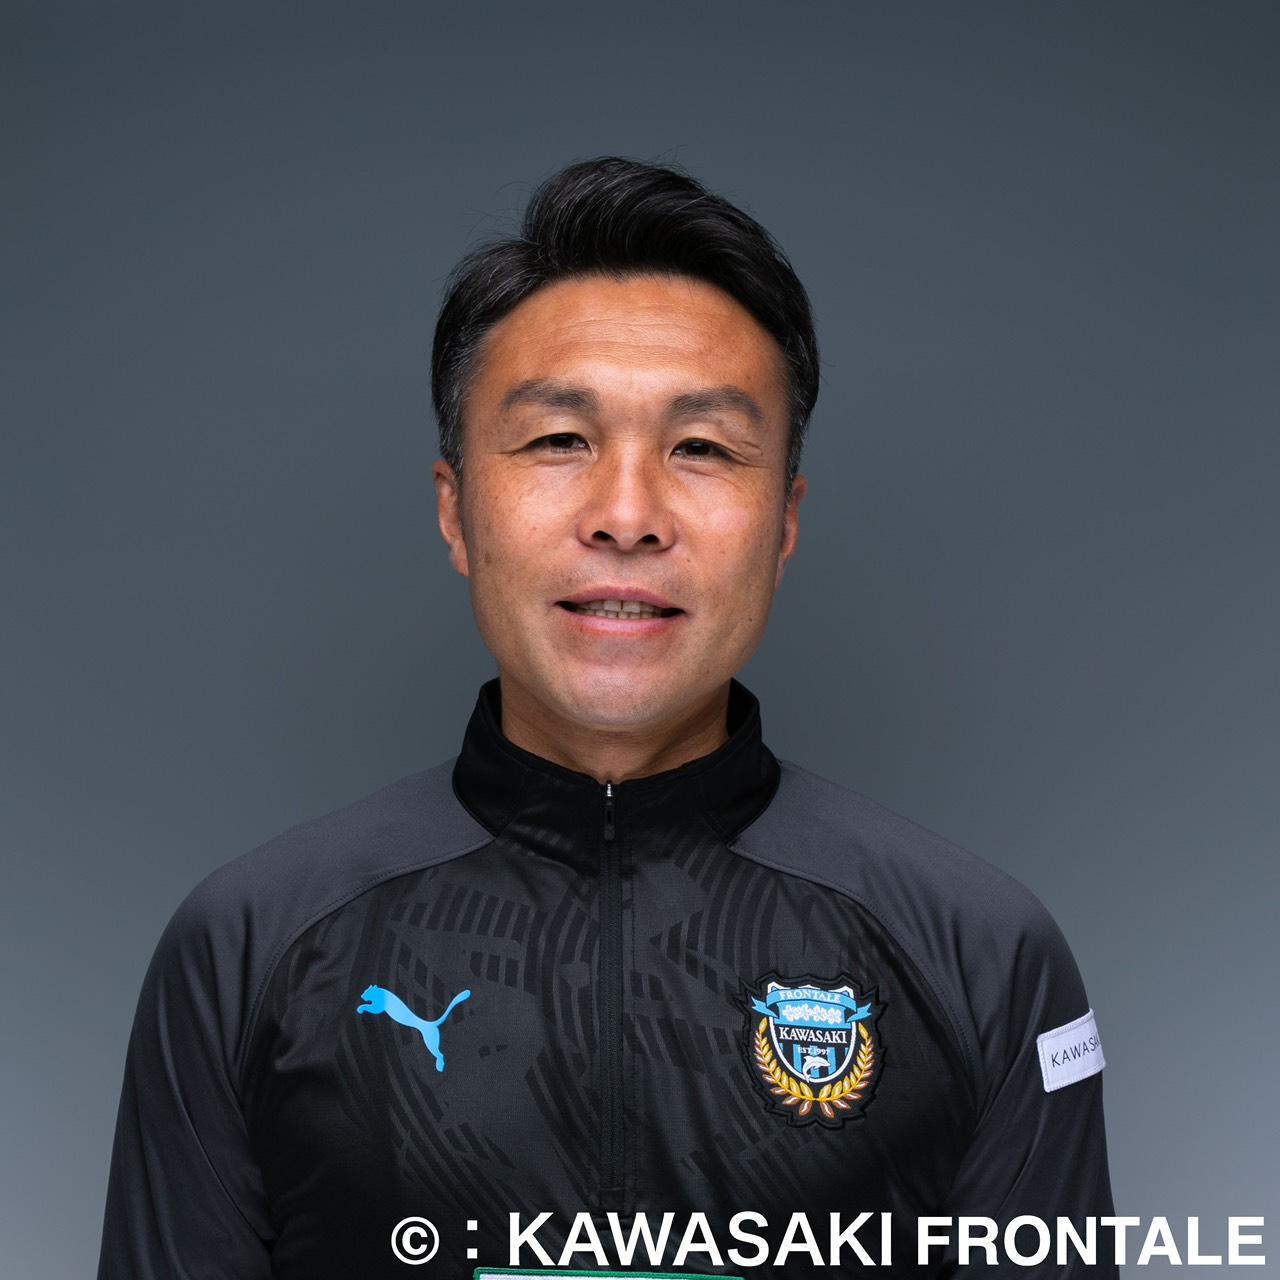 米山篤志氏 コーチ就任のお知らせ | FC町田ゼルビア オフィシャルサイト